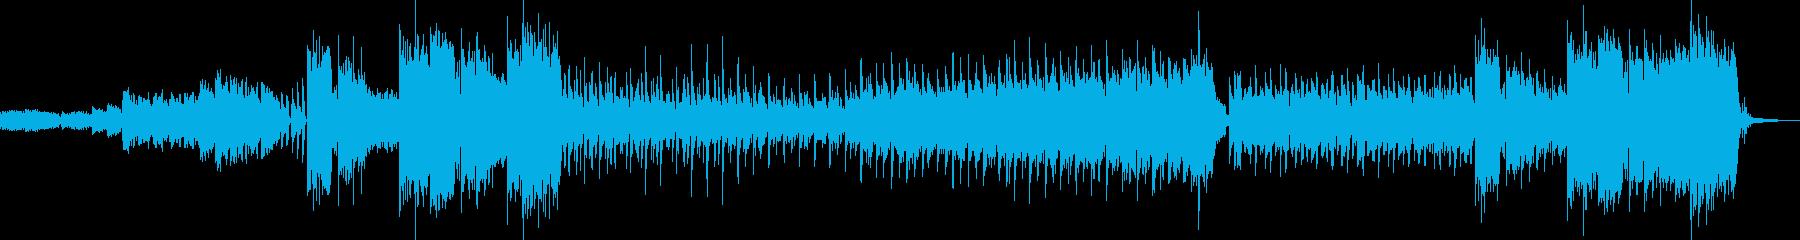 疾走感のあるエキゾチックな曲の再生済みの波形